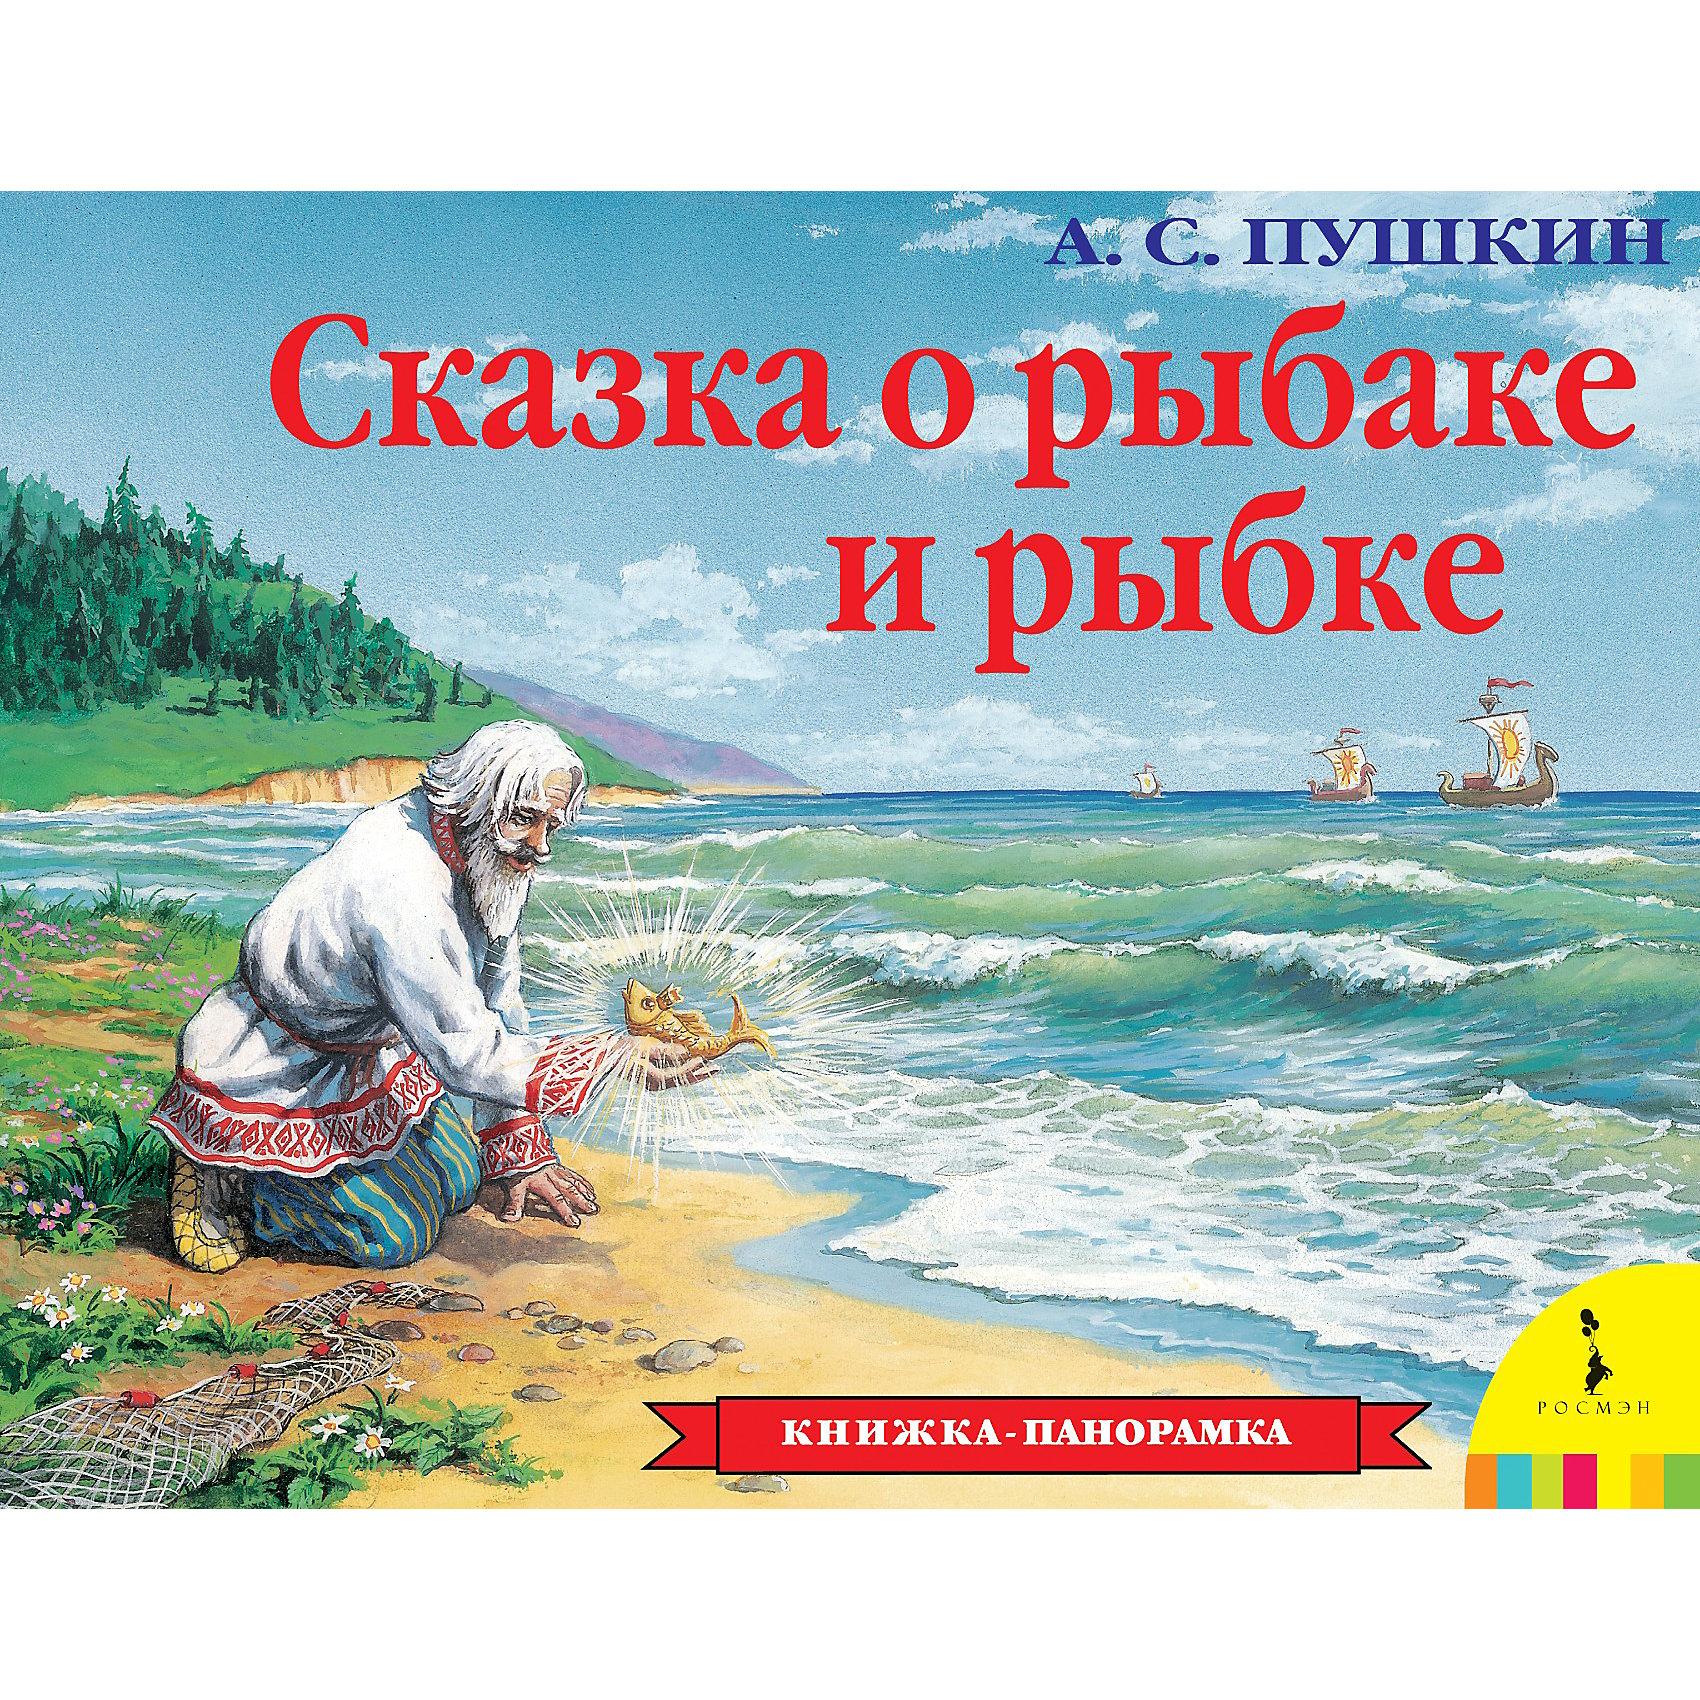 Книжка-панорамка Сказка о рыбаке и рыбке А.С. ПушкинПушкин А.С.<br>Книжка-панорамка Сказка о рыбаке и рыбке от Росмэн - это не только любимая всеми сказка А.С.Пушкина, но и красочная книга с объемными картинками.<br><br>На каждом развороте раскрываюются объемные панорамные конструкции, и книжка превращается для малыша в настоящий театр!<br><br><br>Дополнительная информация:<br><br>- Серия: панорамные книги<br>- Обложка: твердая<br>- Формат: 263x197 мм<br>- Количество страниц: 12<br>- Наличие иллюстраций: цветные<br>- ISBN: 978-5-353-00565-0<br><br>Ширина мм: 260<br>Глубина мм: 200<br>Высота мм: 15<br>Вес г: 360<br>Возраст от месяцев: 24<br>Возраст до месяцев: 60<br>Пол: Унисекс<br>Возраст: Детский<br>SKU: 3177501